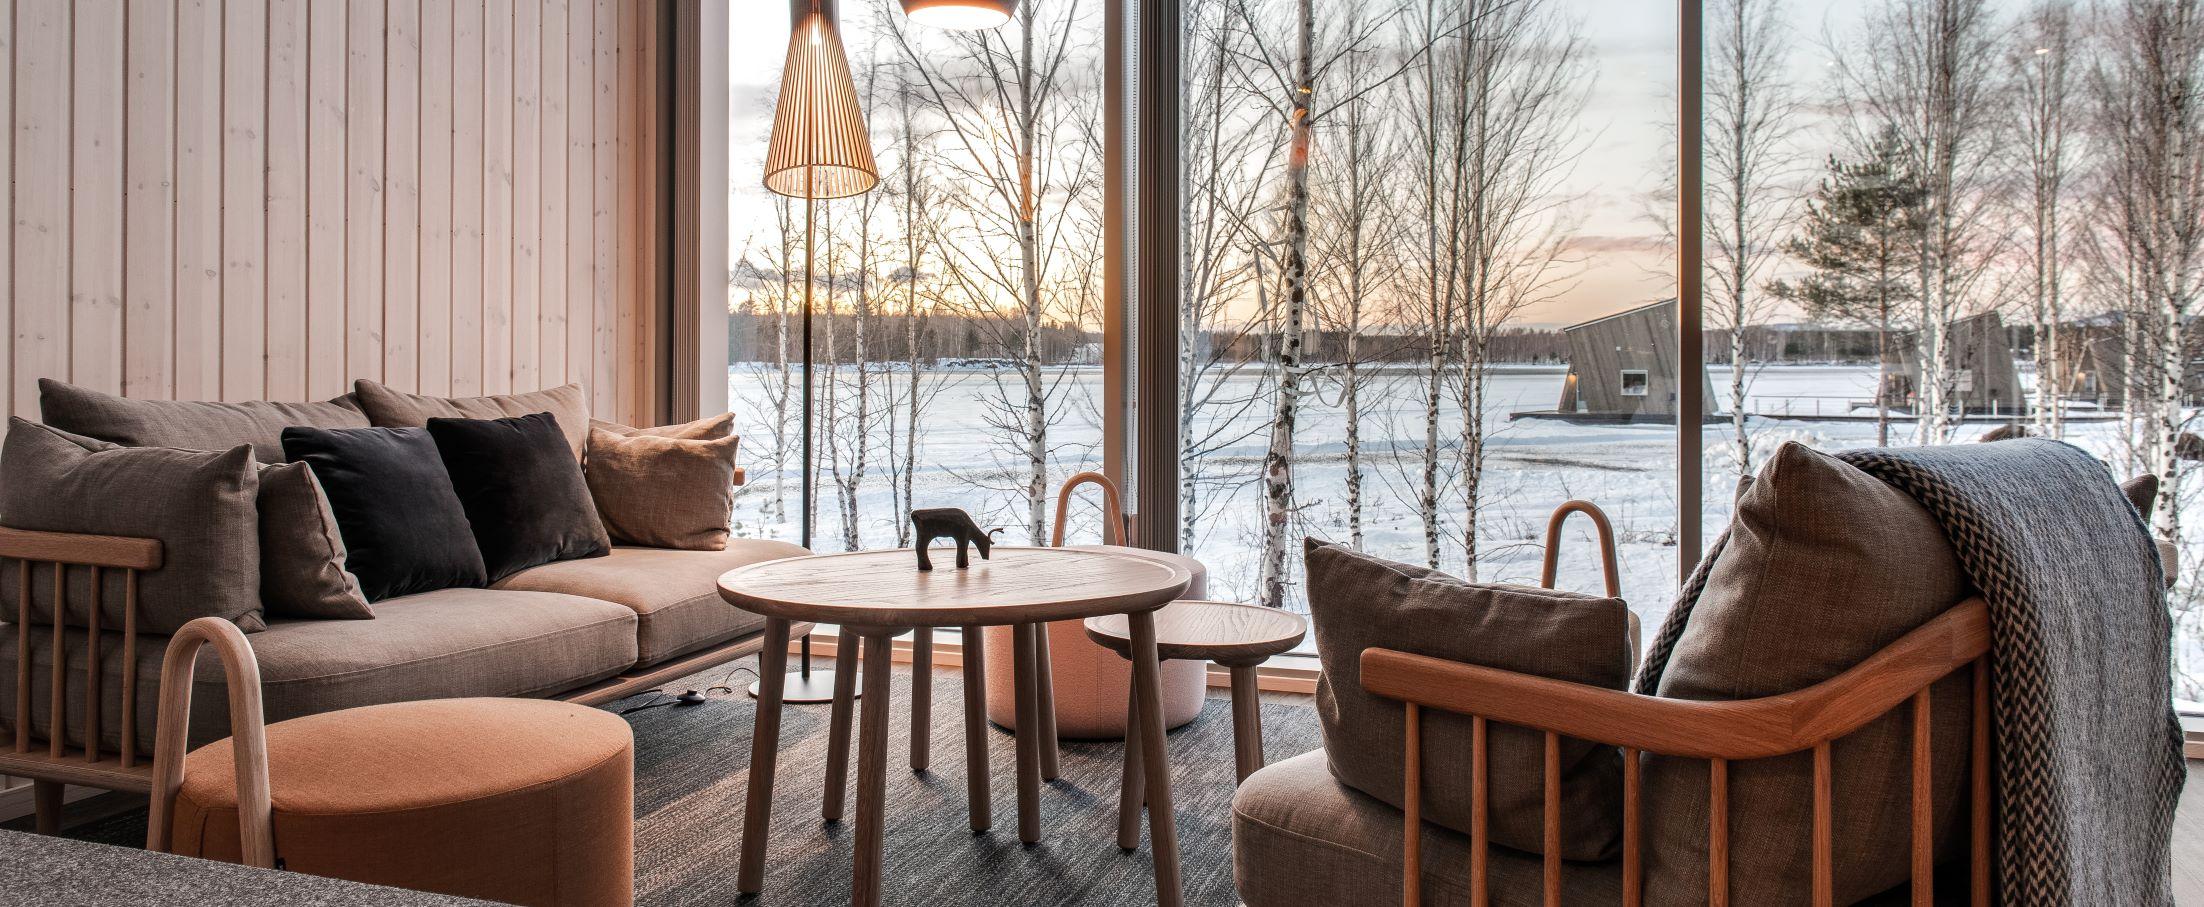 arctic-bath-hotel-suite